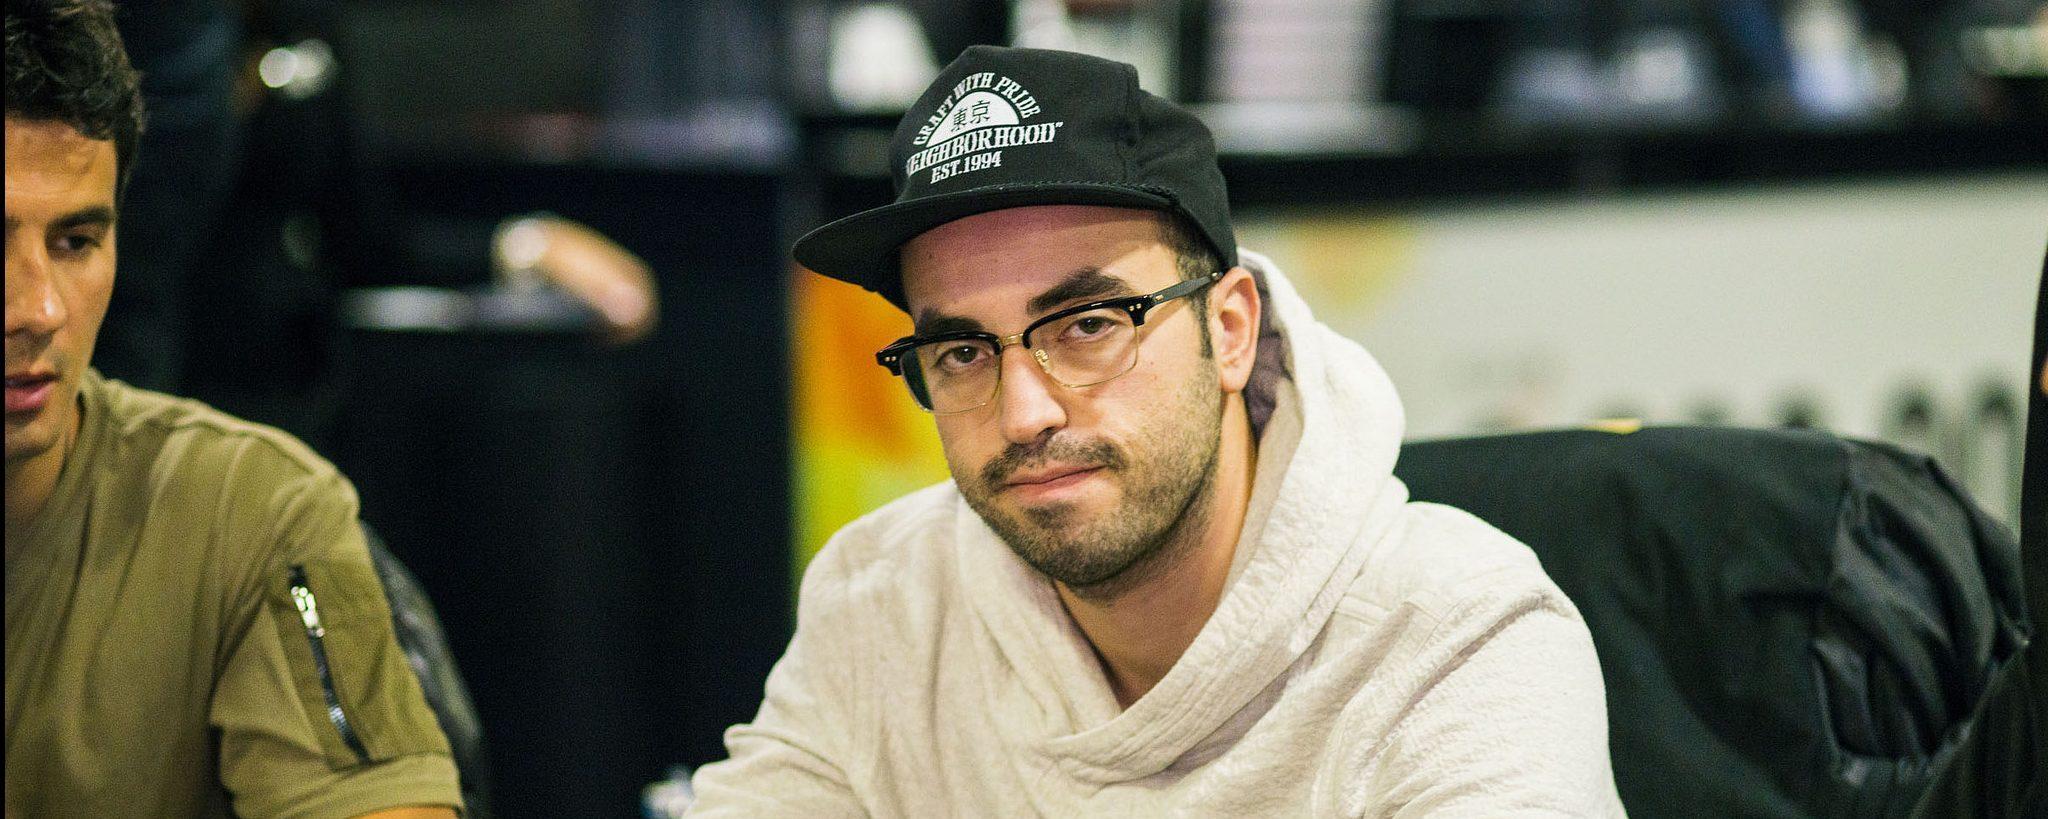 Bryn Kenney am Pokertisch